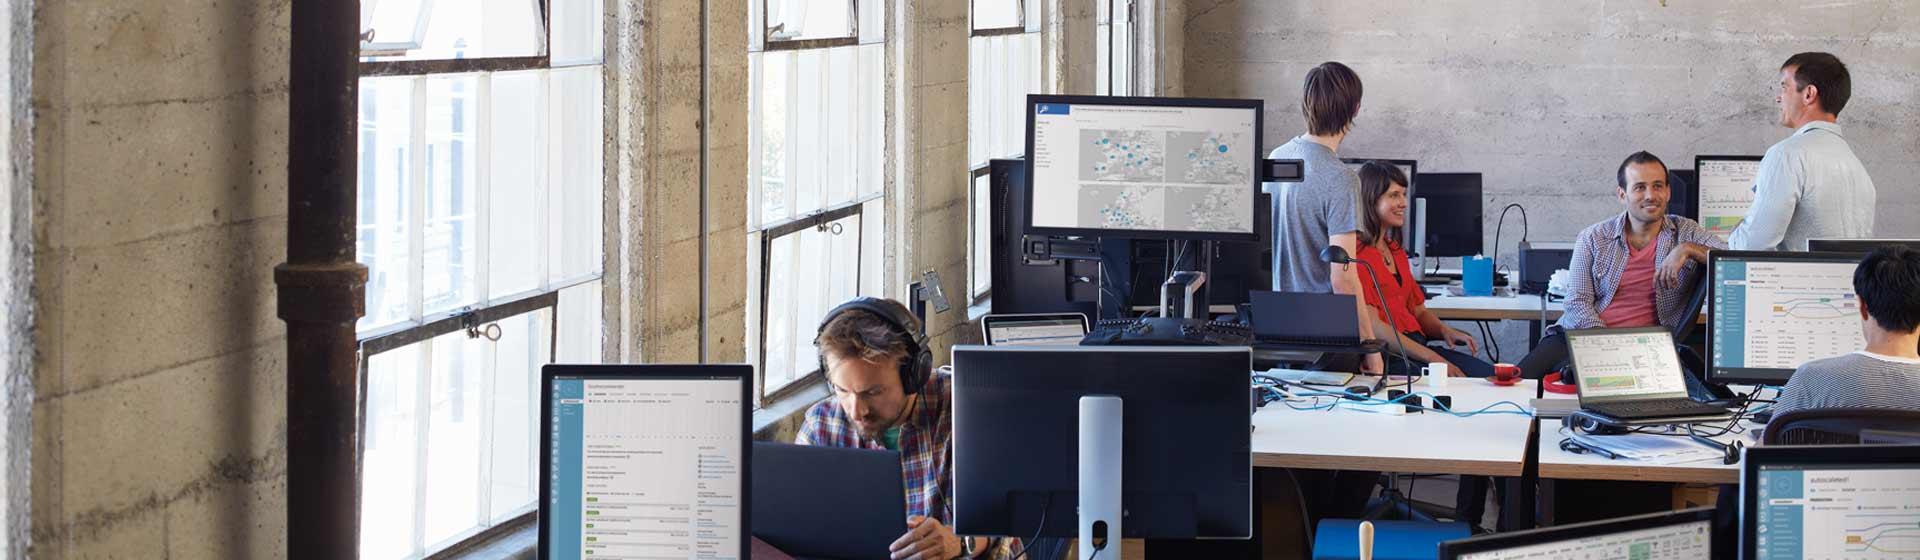 En gruppe med kolleger sitter og står rundt pultene sine i et kontor fullt av datamaskiner som kjører Office 365